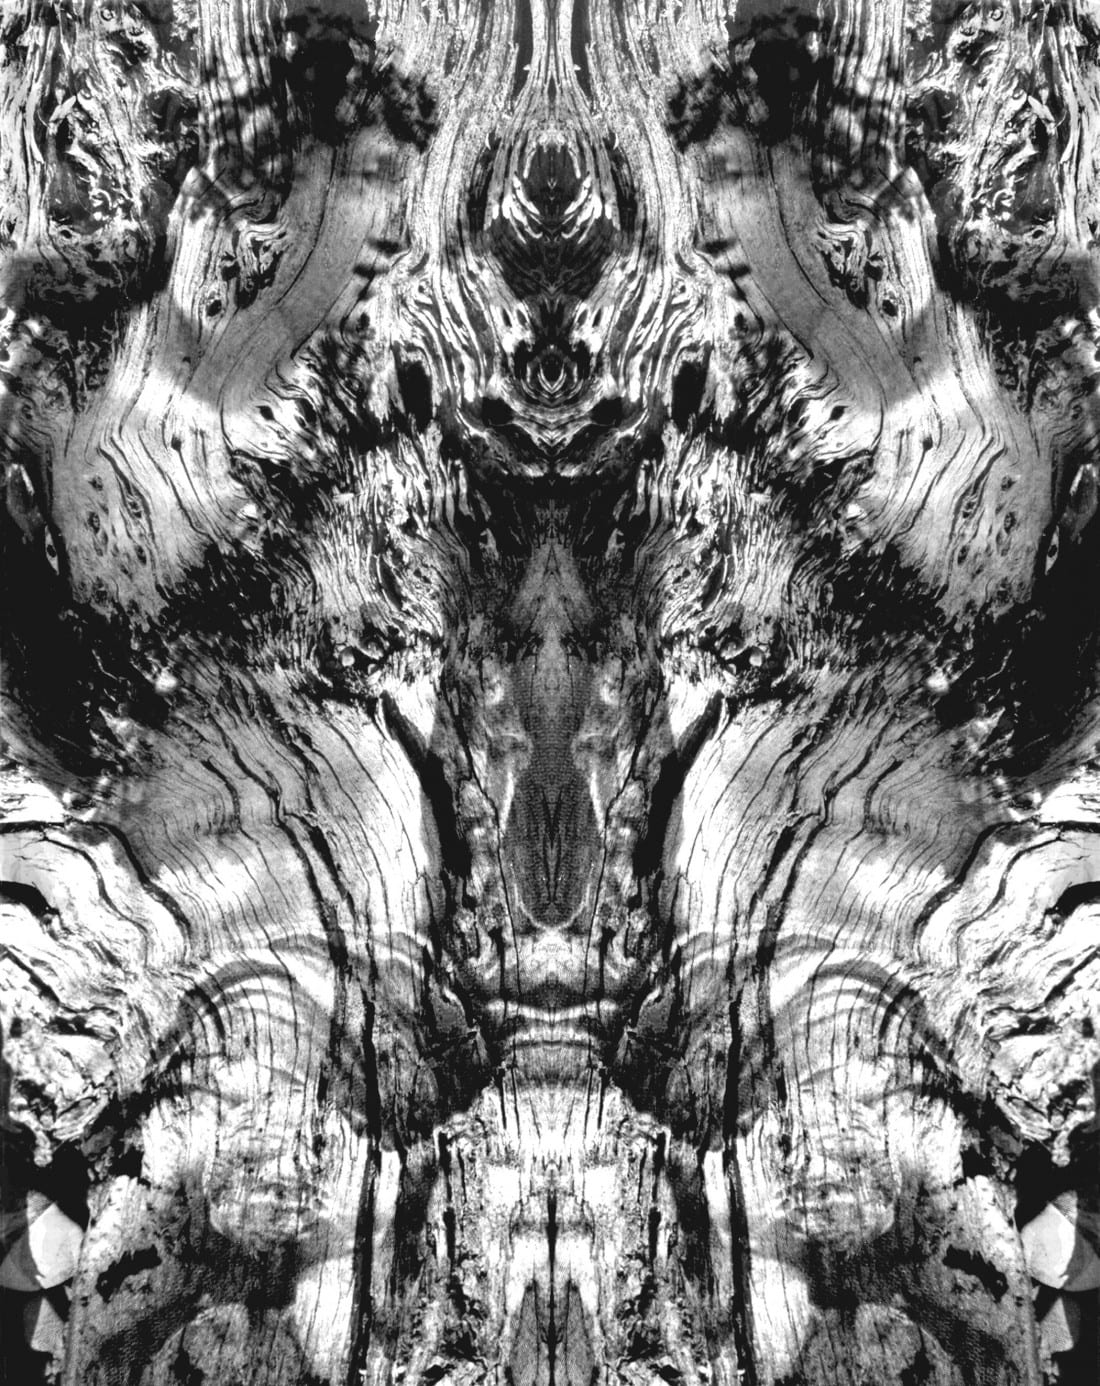 Mirrorman 16 x 20